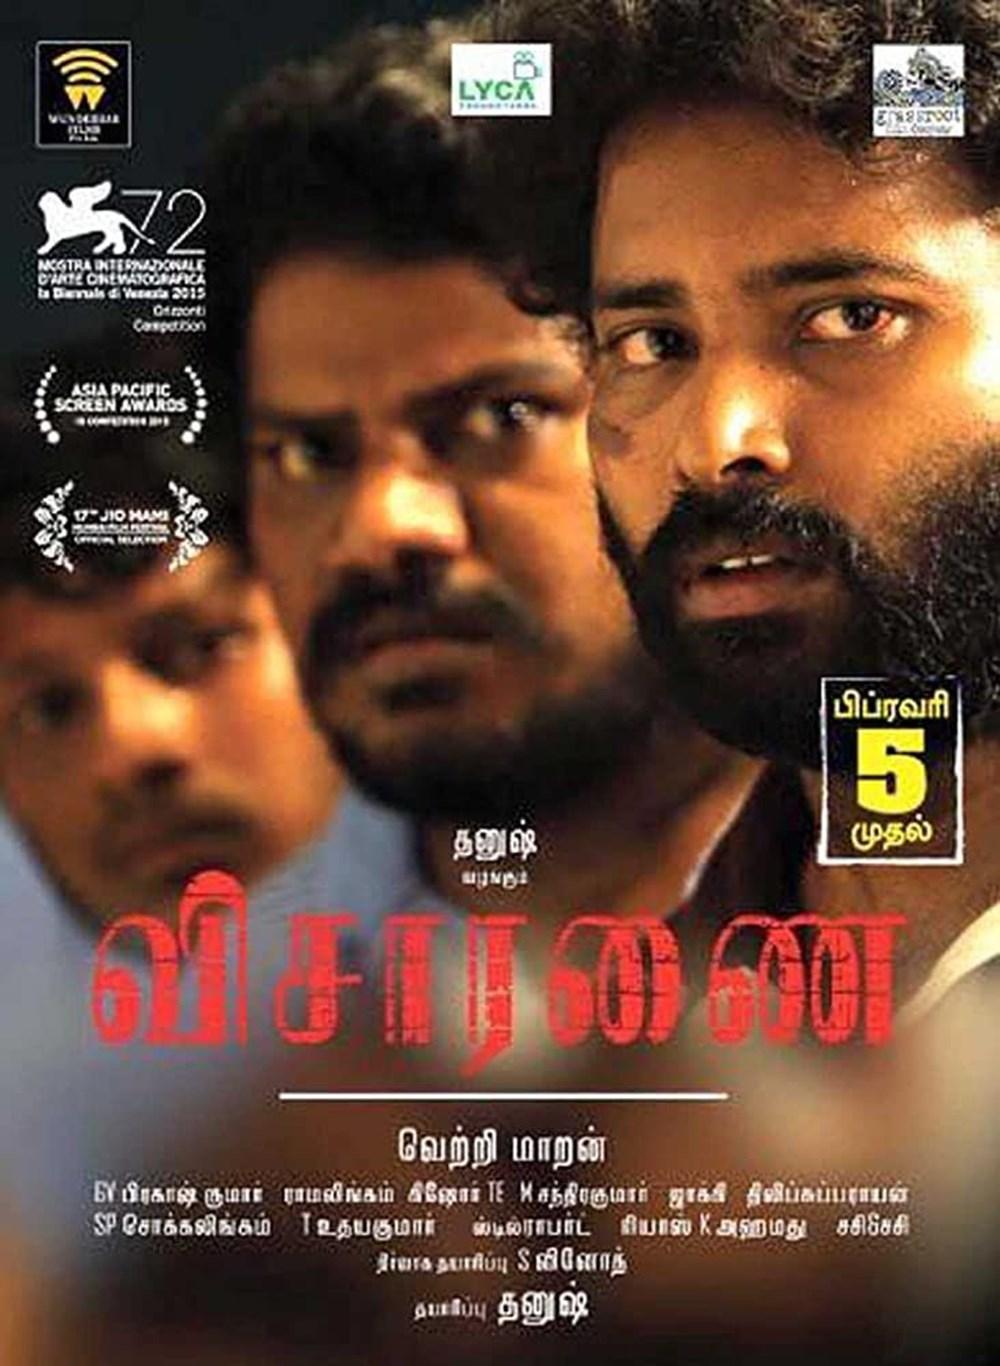 En iyi Hint filmleri - IMDb verileri (Bollywood sineması) - 34